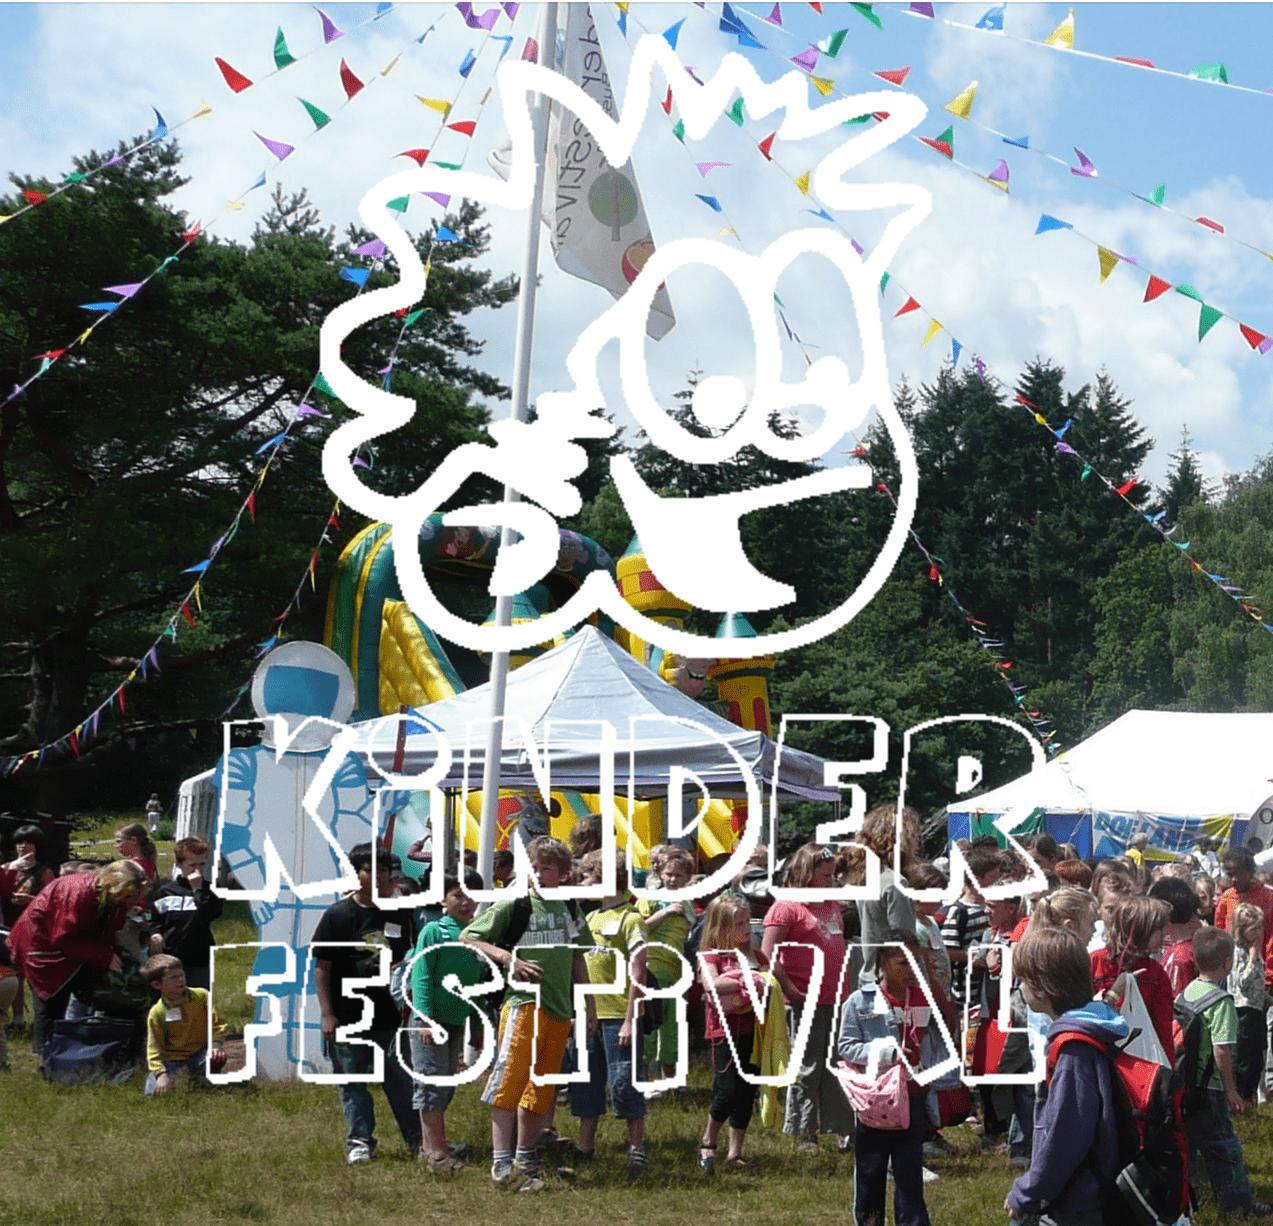 De nieuwe website van het Kinderfestival